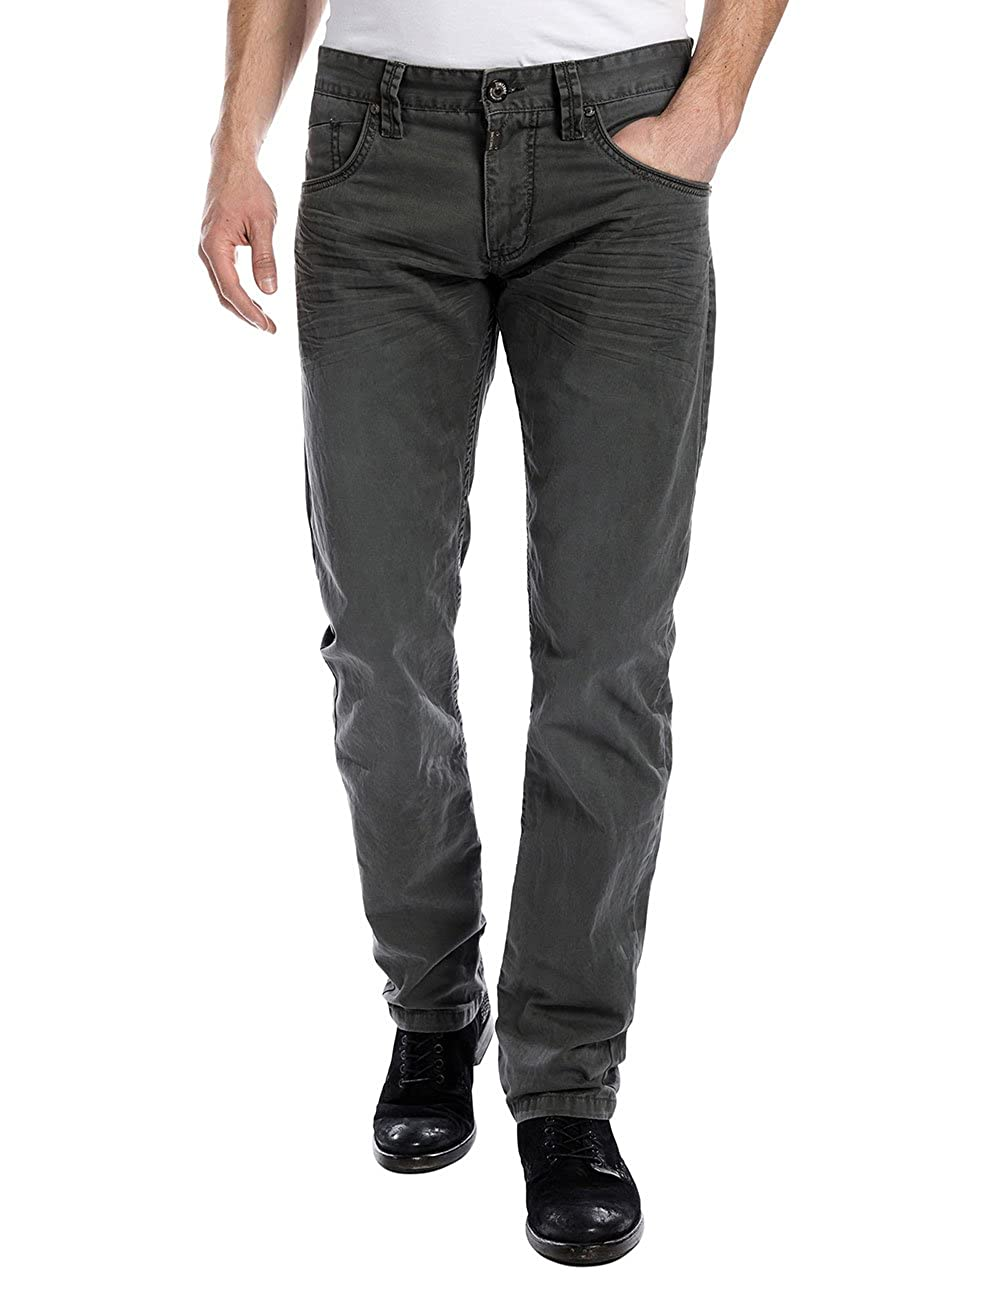 TALLA 31W / 34L. Timezone Pantalones para Hombre